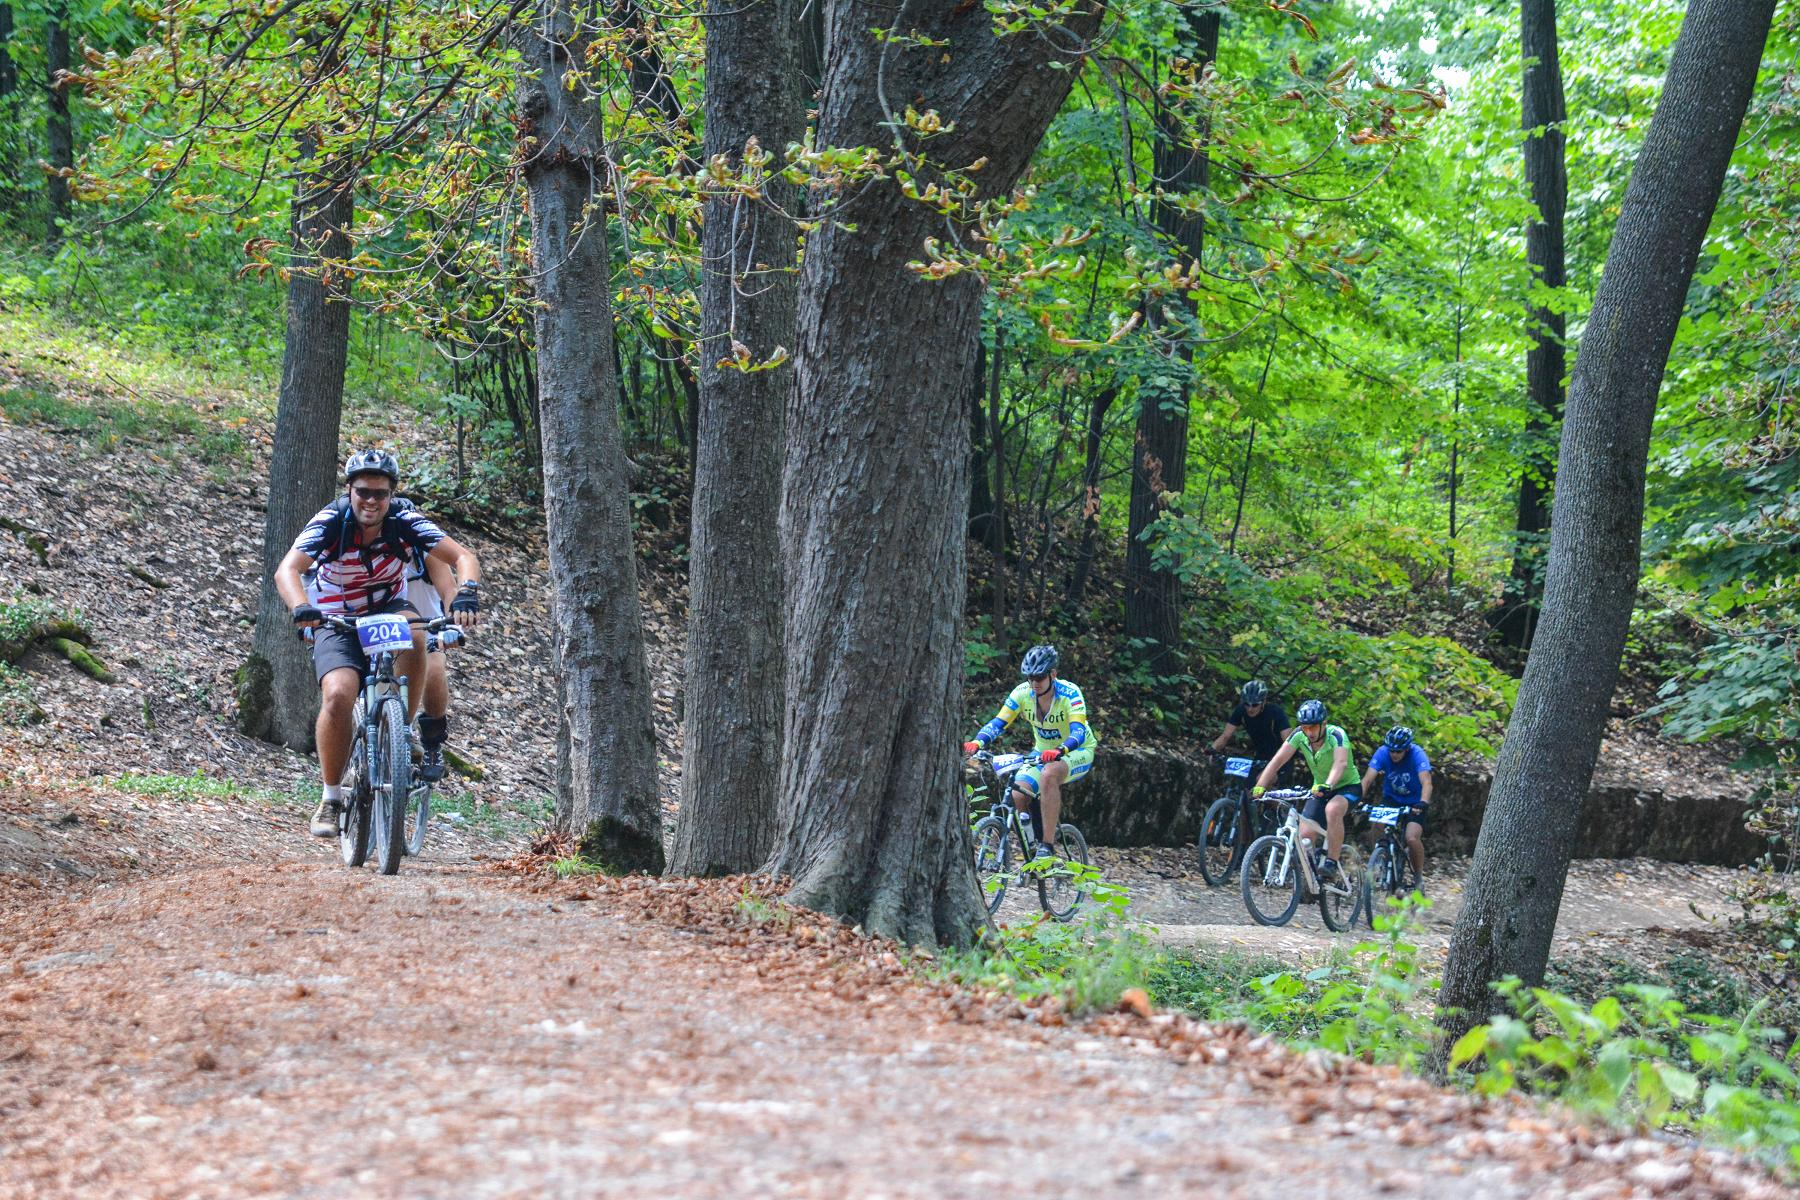 Livada cu Cireși  – o escapadă ciclistă cu infuzii de adrenalină